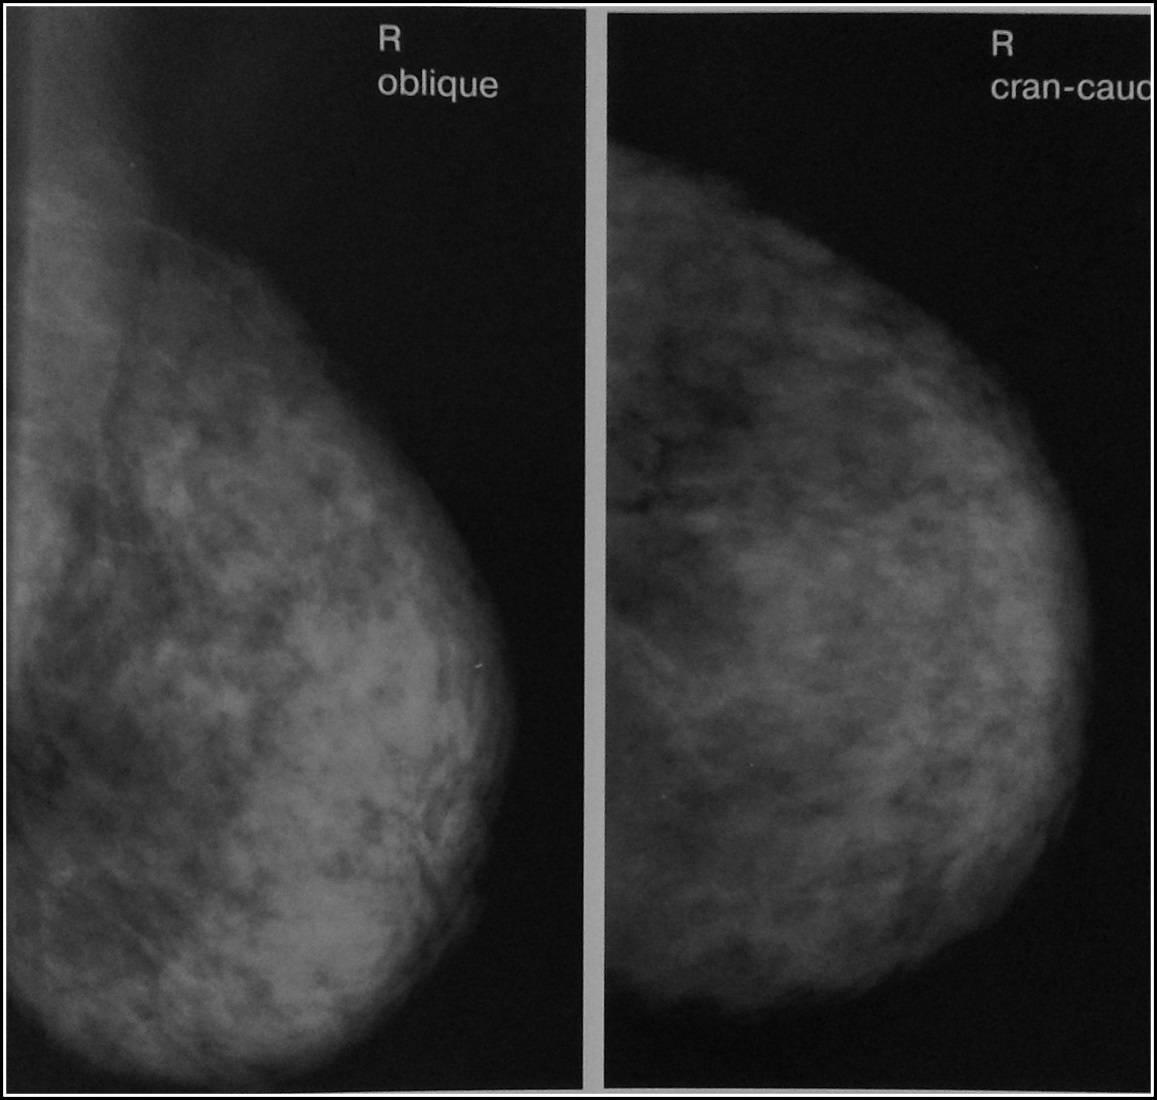 Диффузно-кистозная мастопатия, ее причины, симптомы и лечение